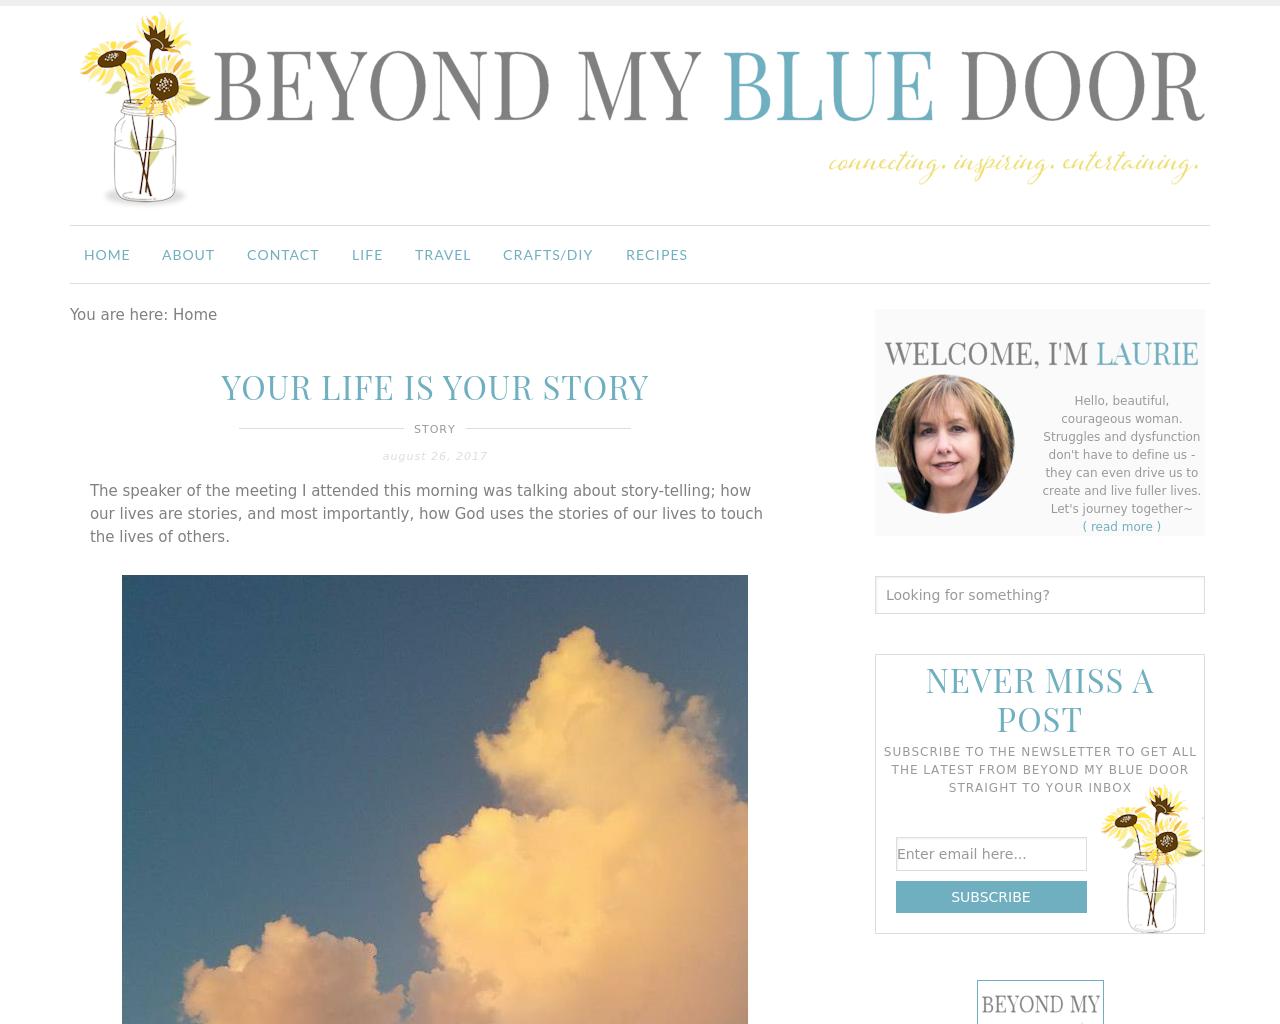 Beyond-My-Blue-Door-Advertising-Reviews-Pricing